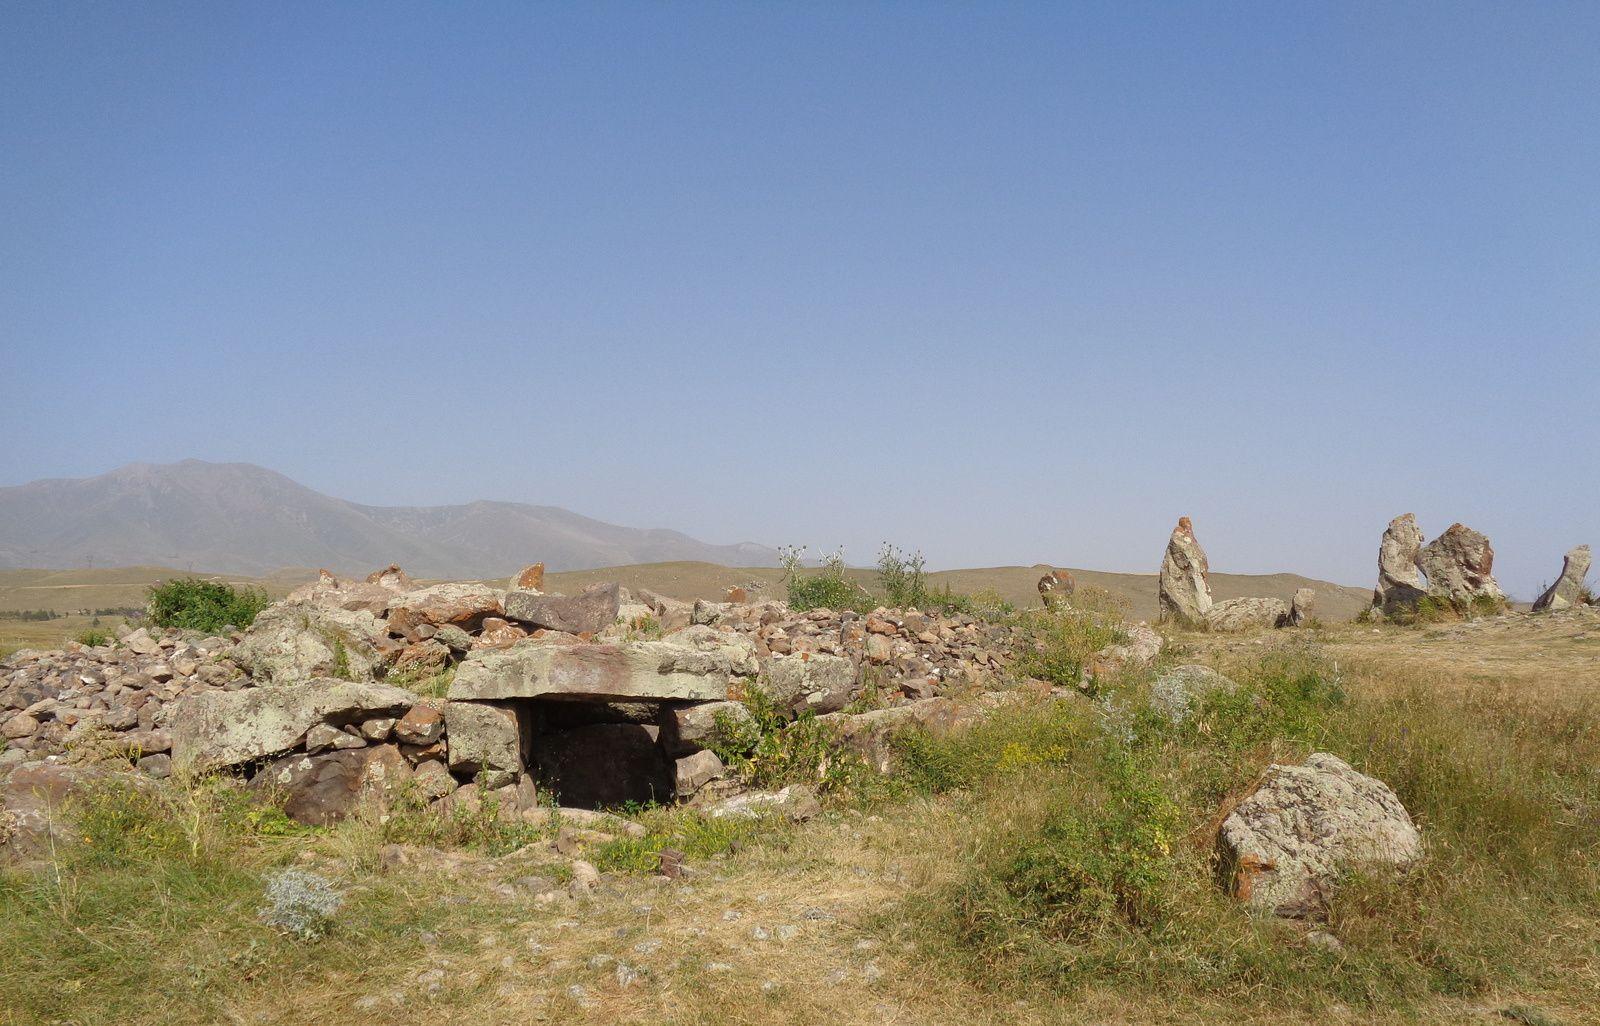 Arménie 2018 - Région du Vayots dzor : caravansérail et site néolithique